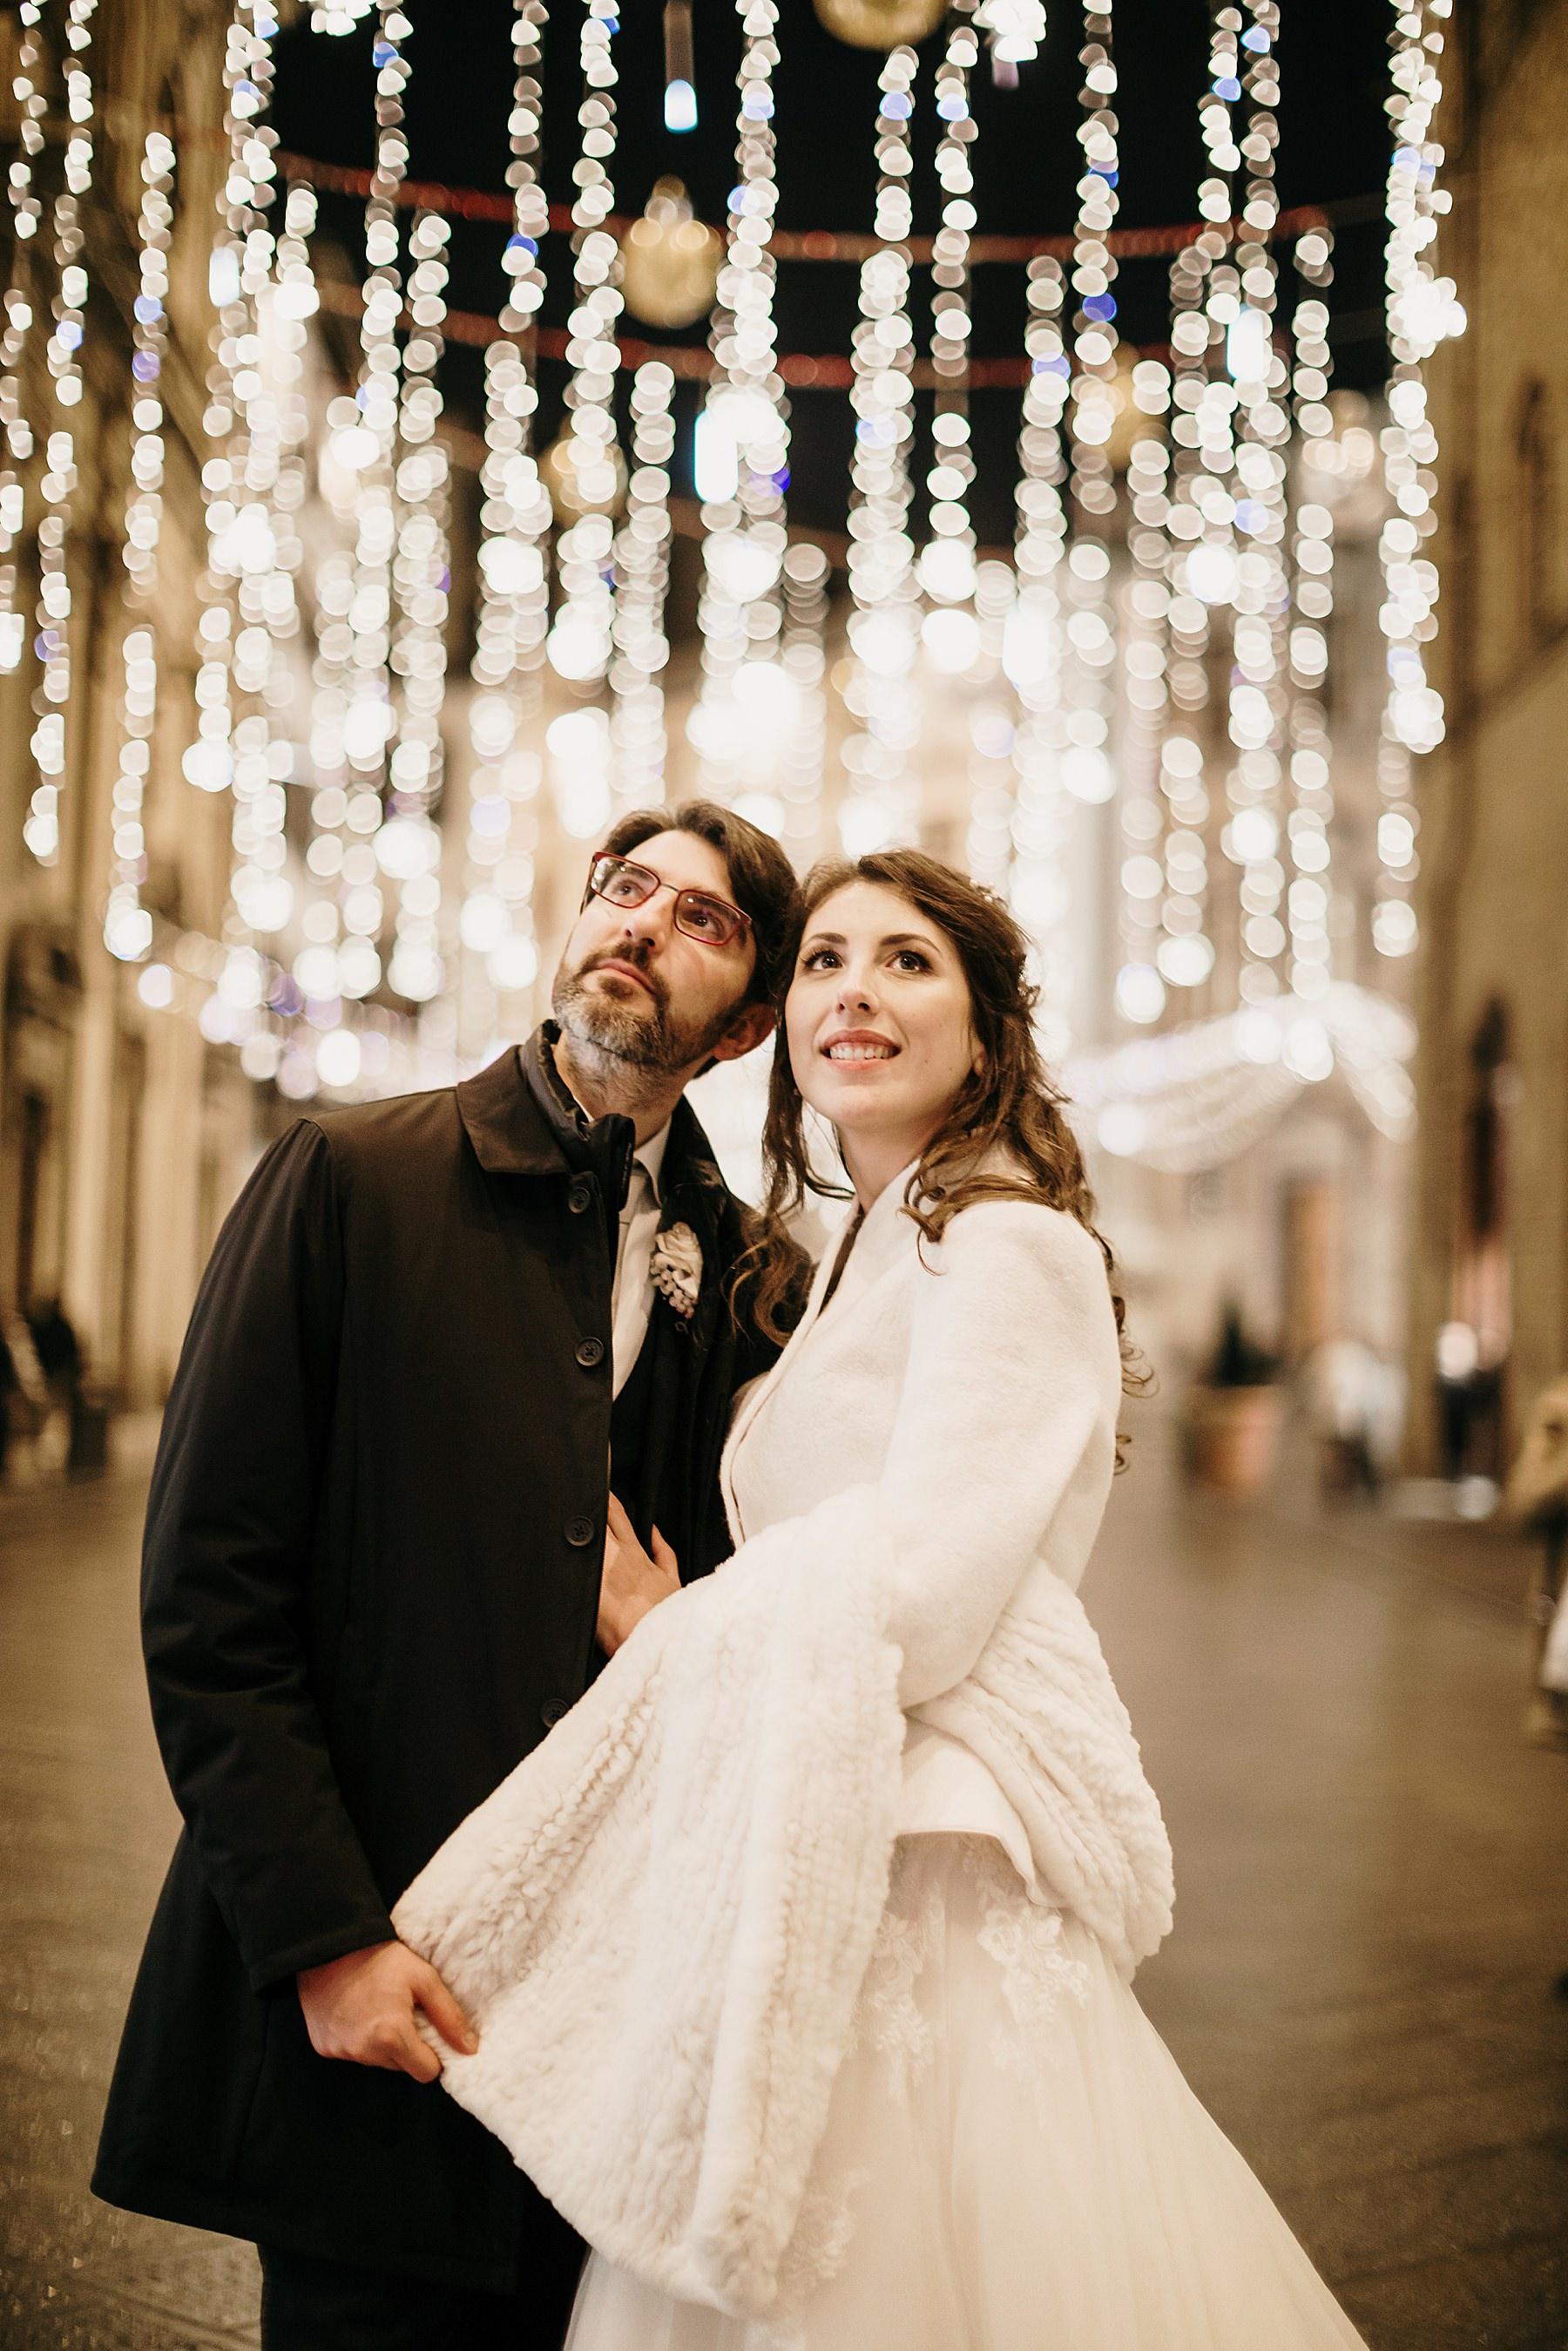 fotografia-di-matrimonio-a-firenze-in-inverno-783.JPG